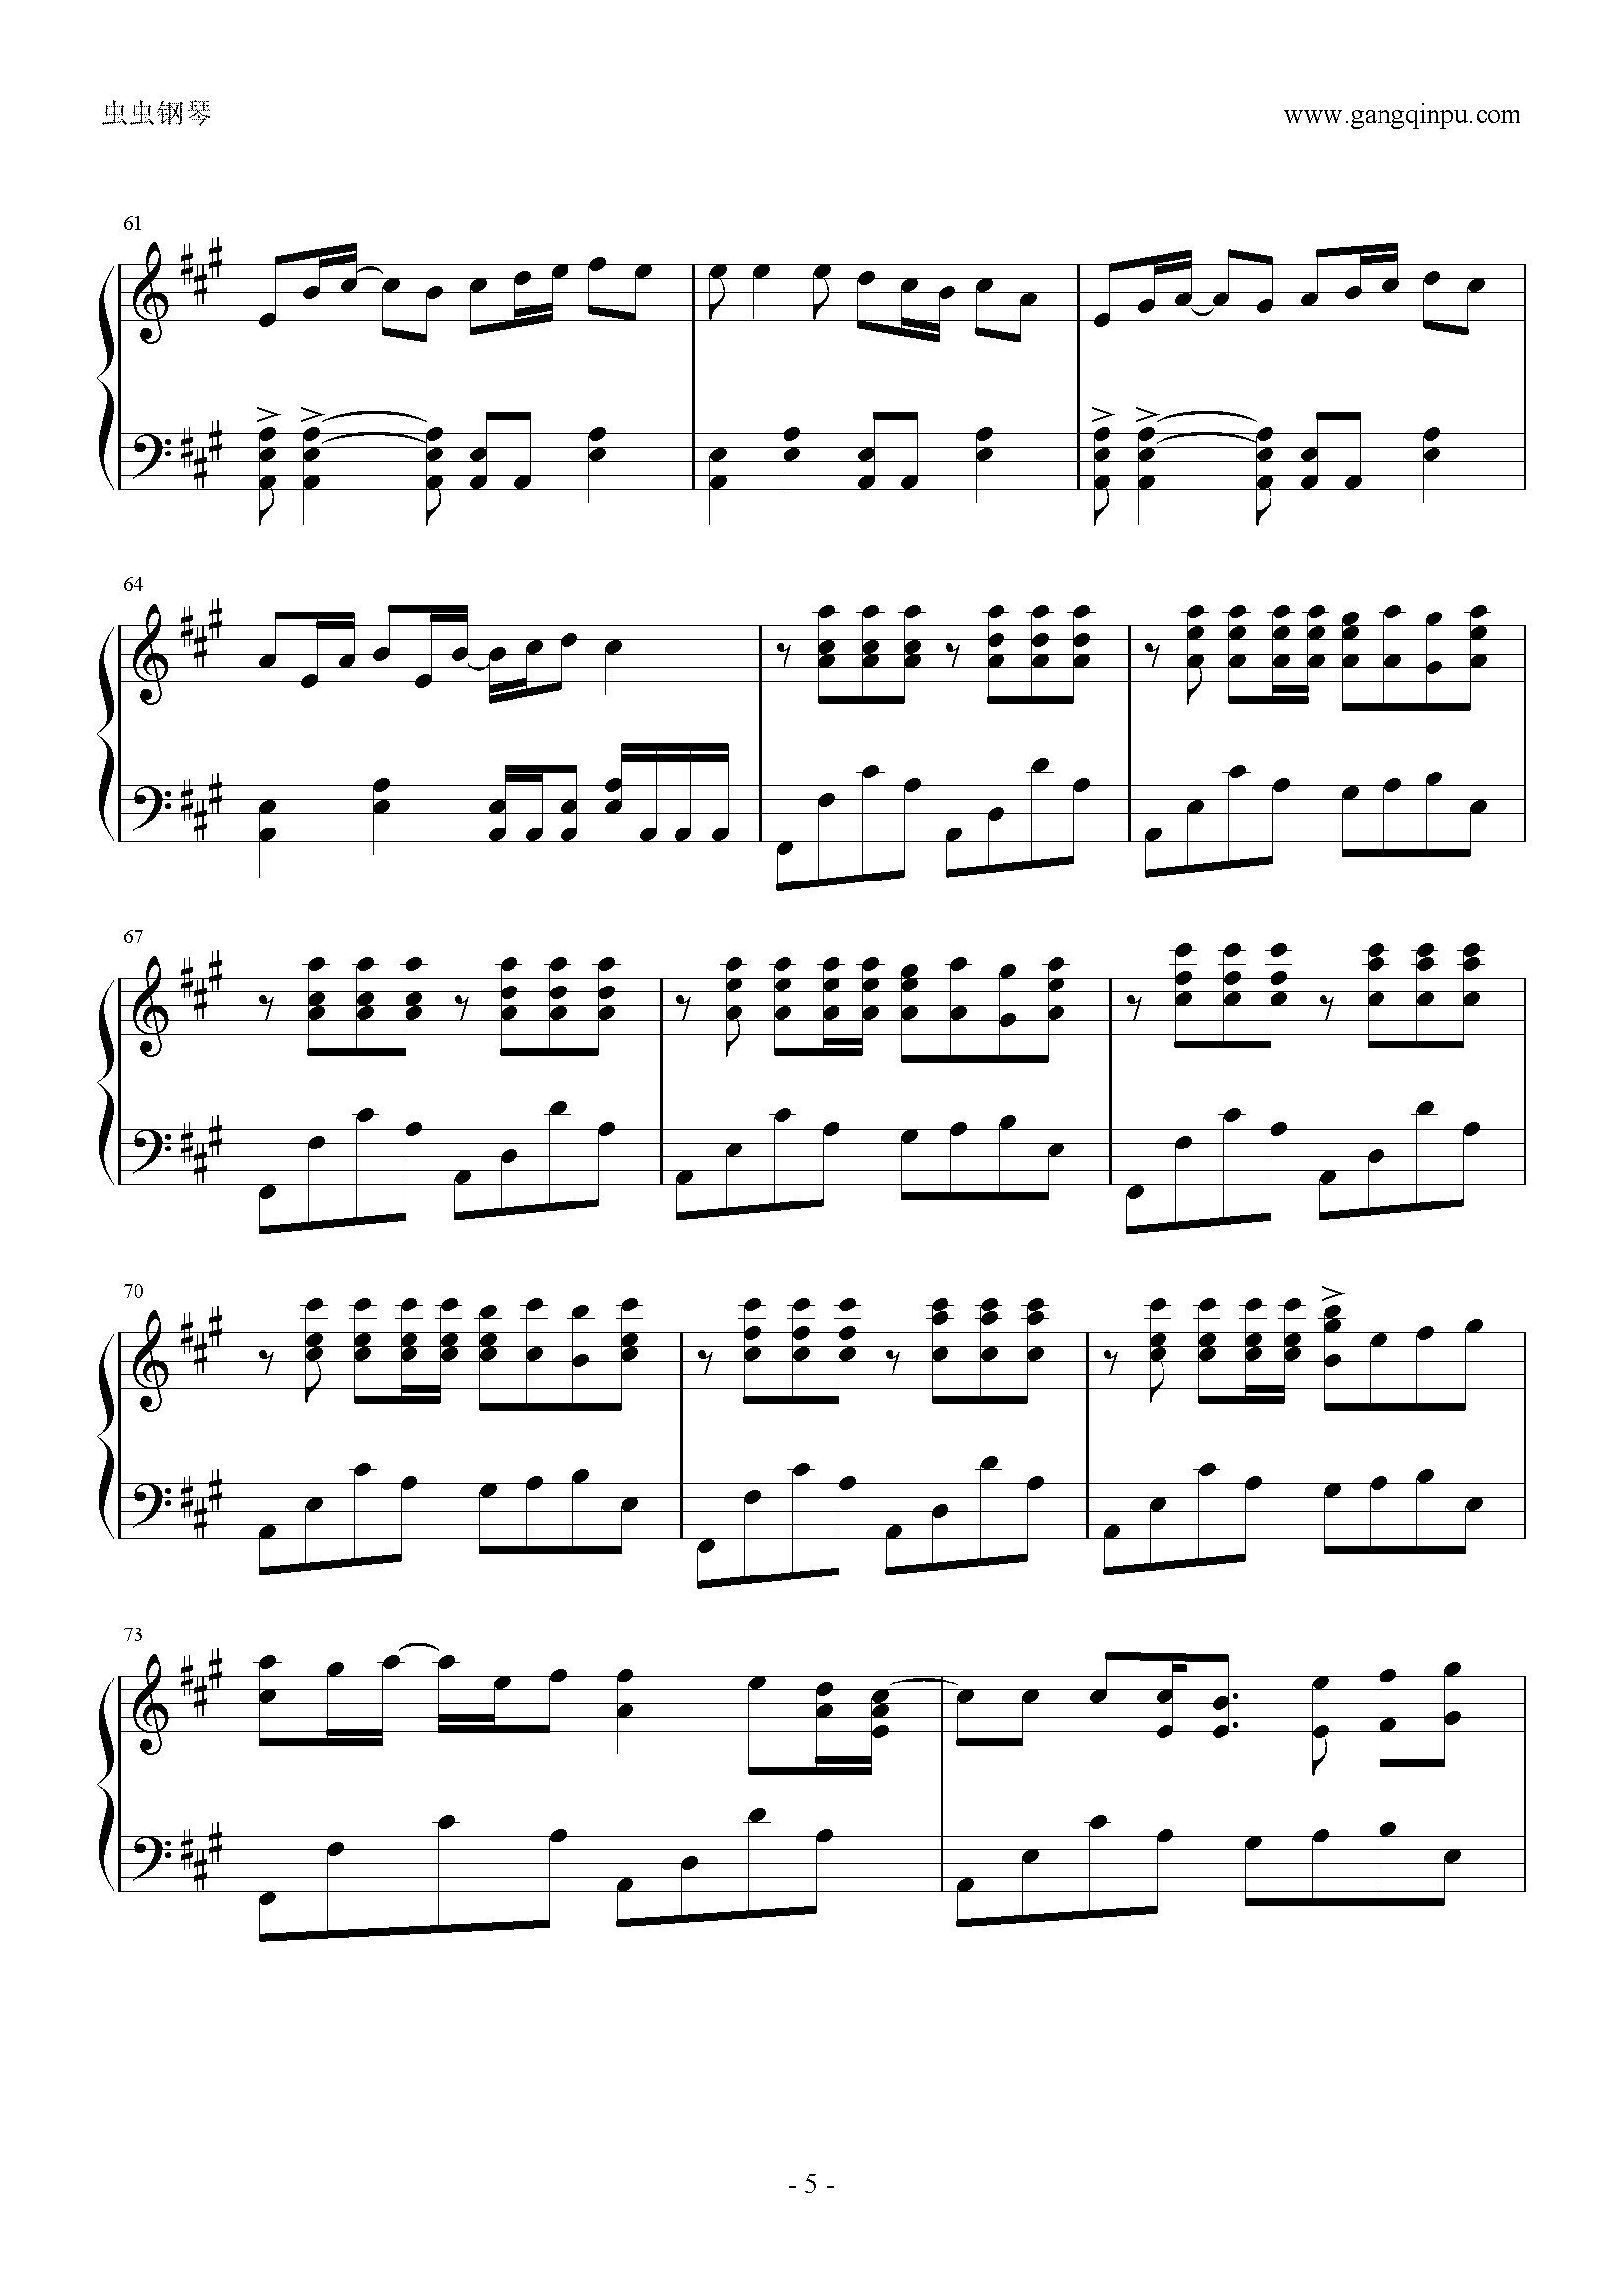 平凡之路钢琴谱 第5页图片